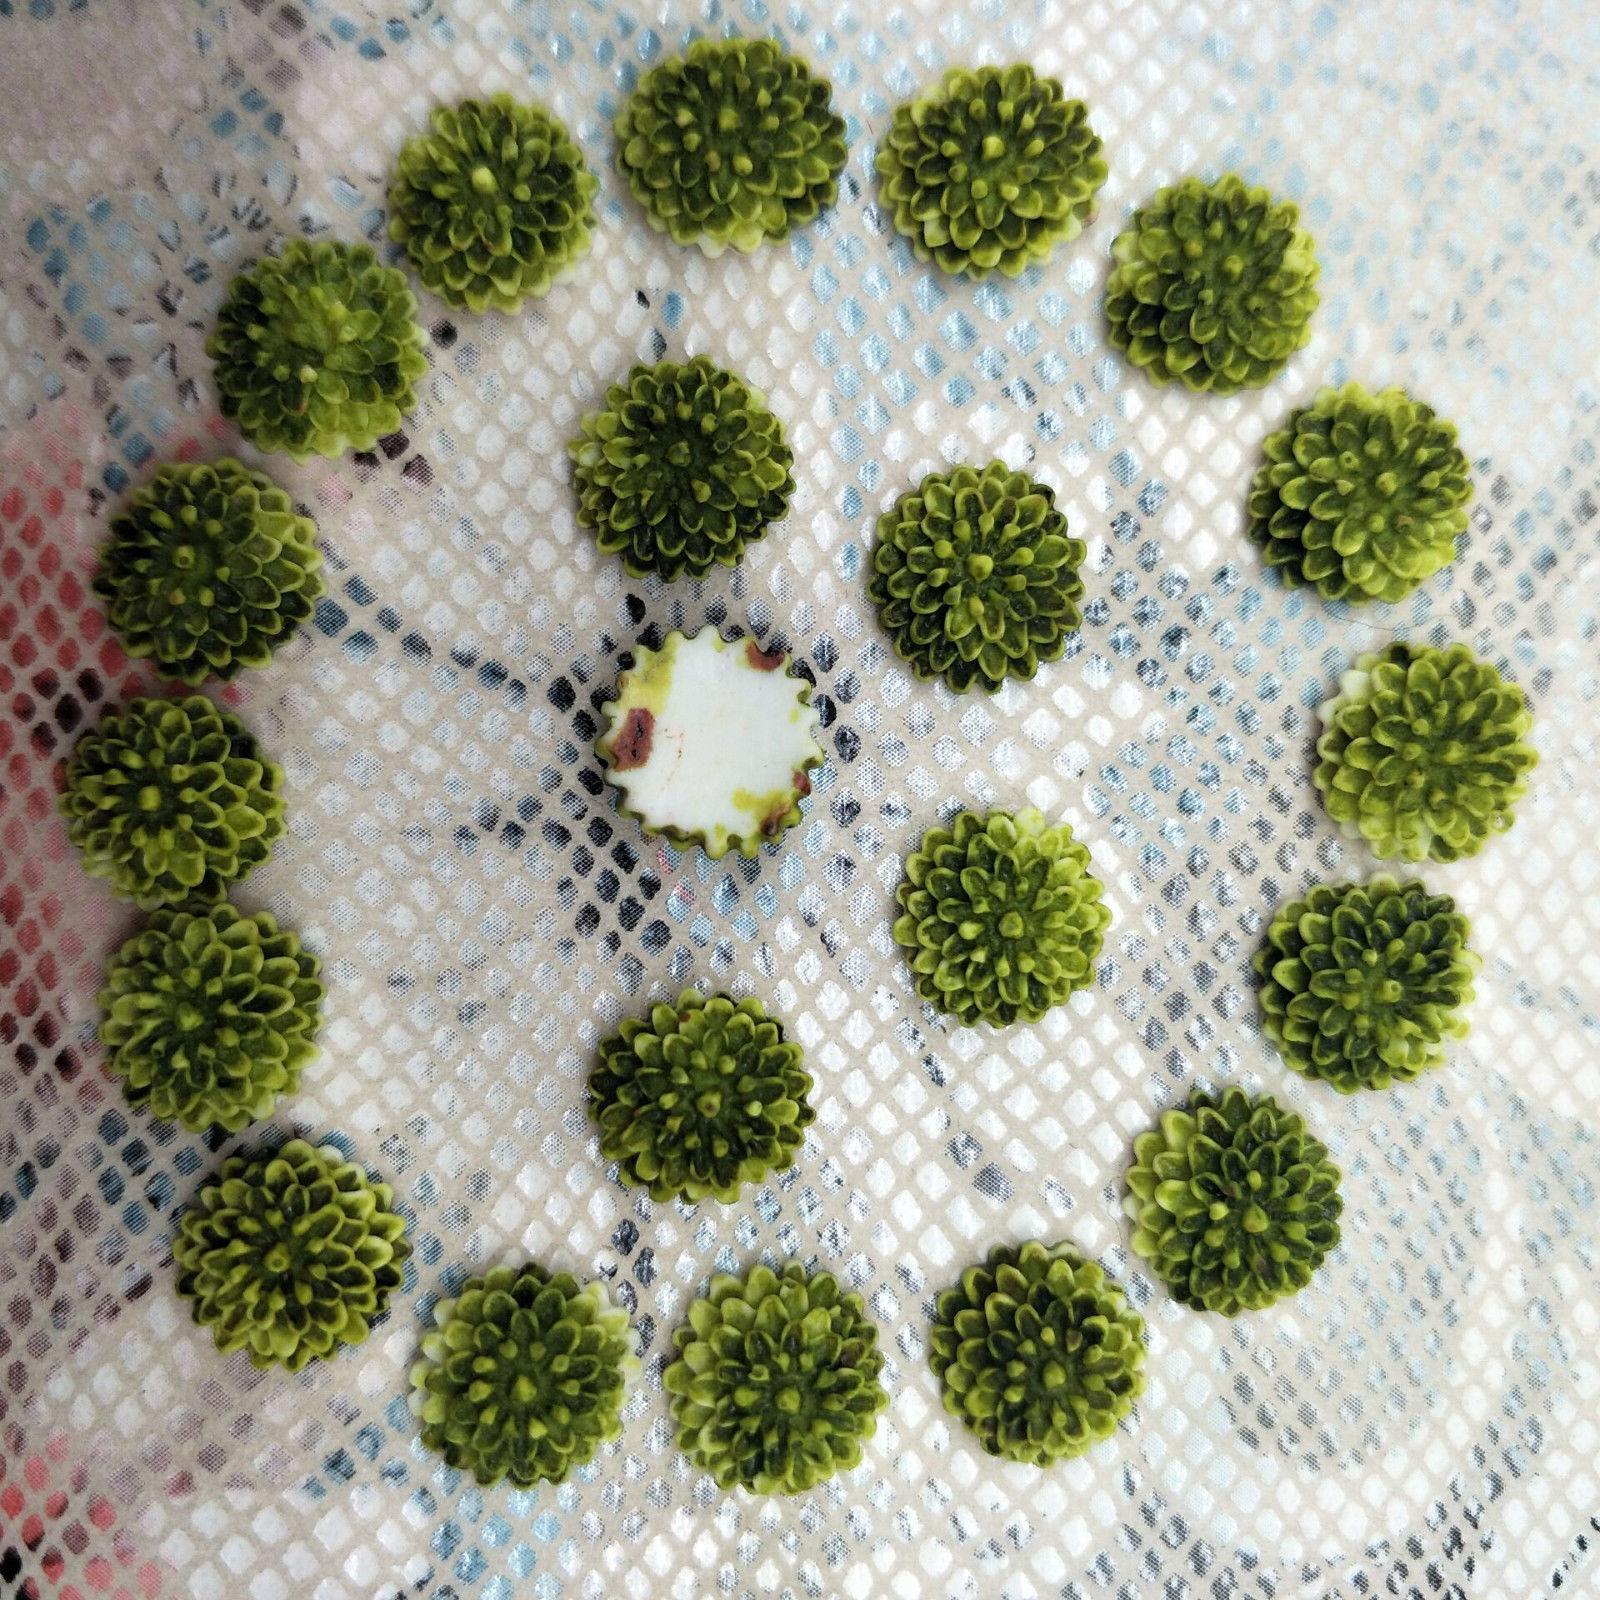 20 פרחים לעבודות יד להדבקה גווני ירוק זית